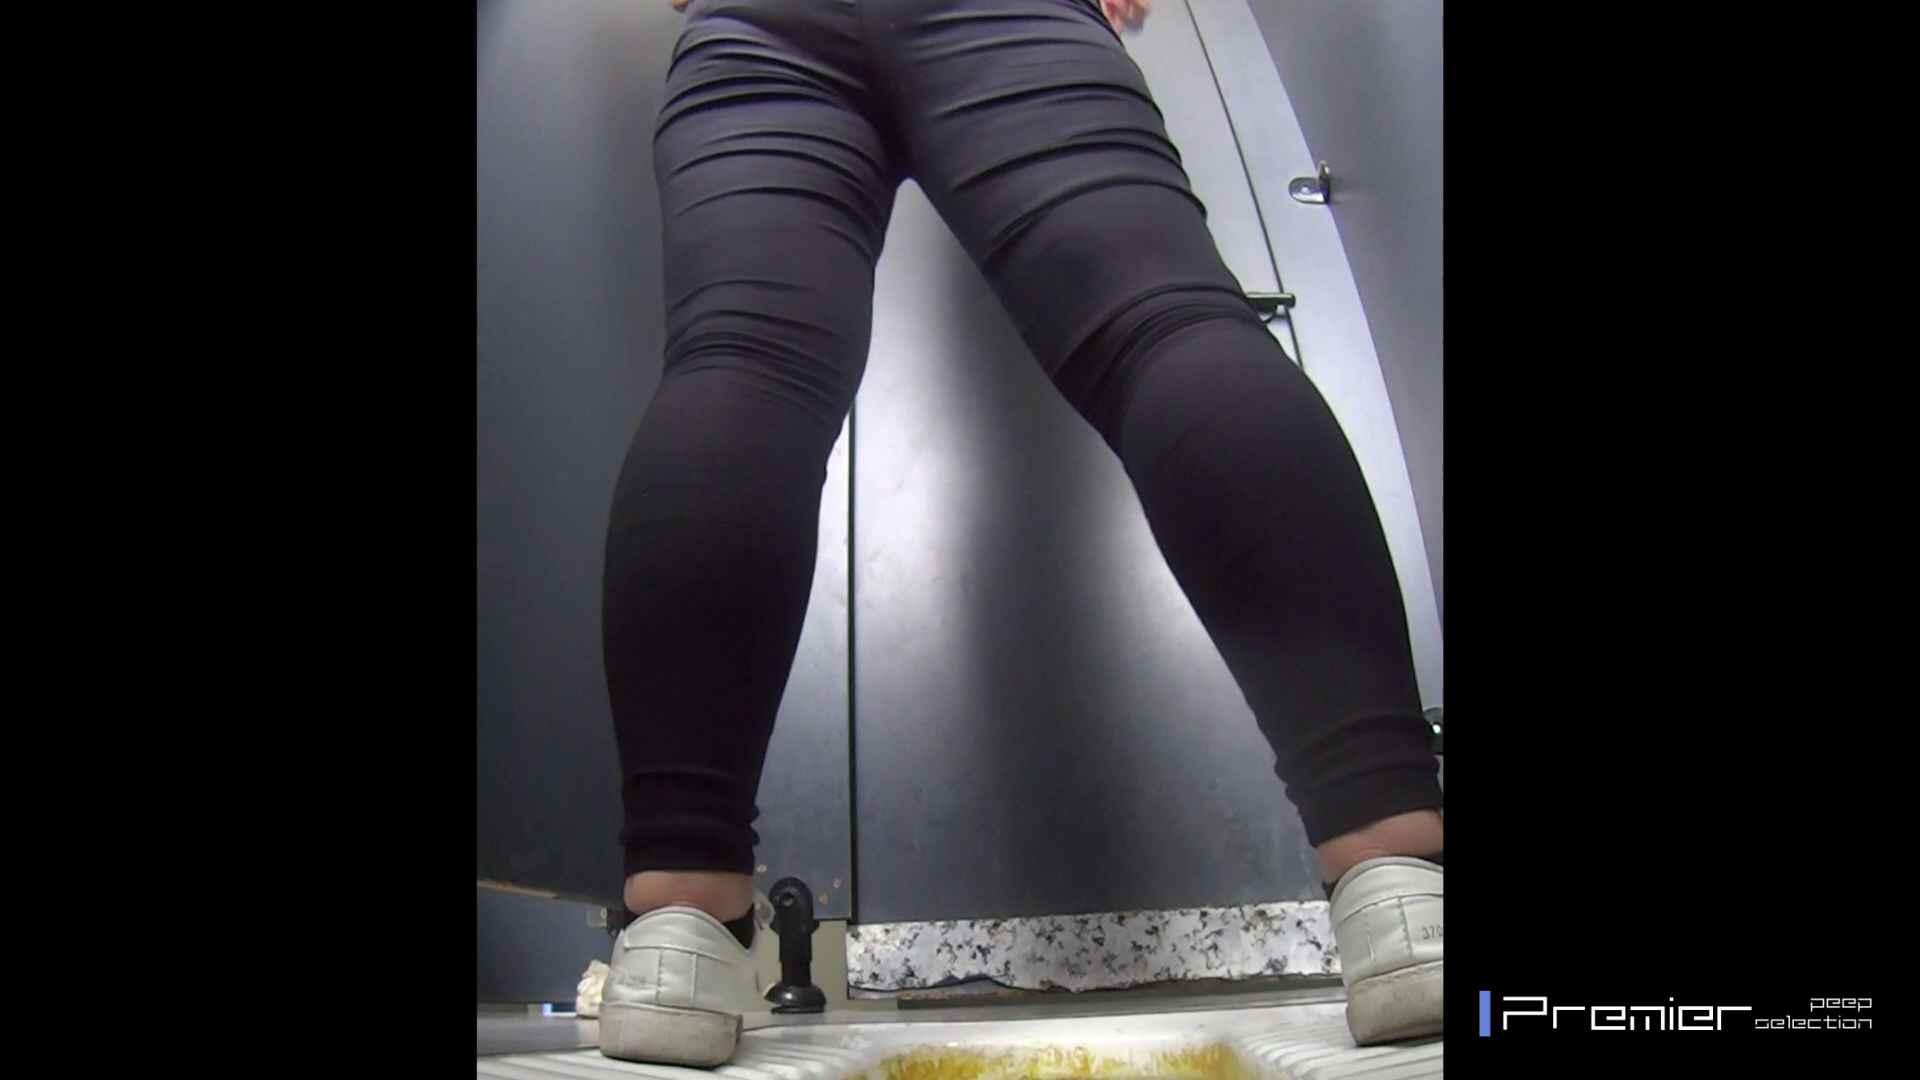 むっちり眼鏡さんの洗面所盗撮 大学休憩時間の洗面所事情17 盗撮 | 美女  43pic 36